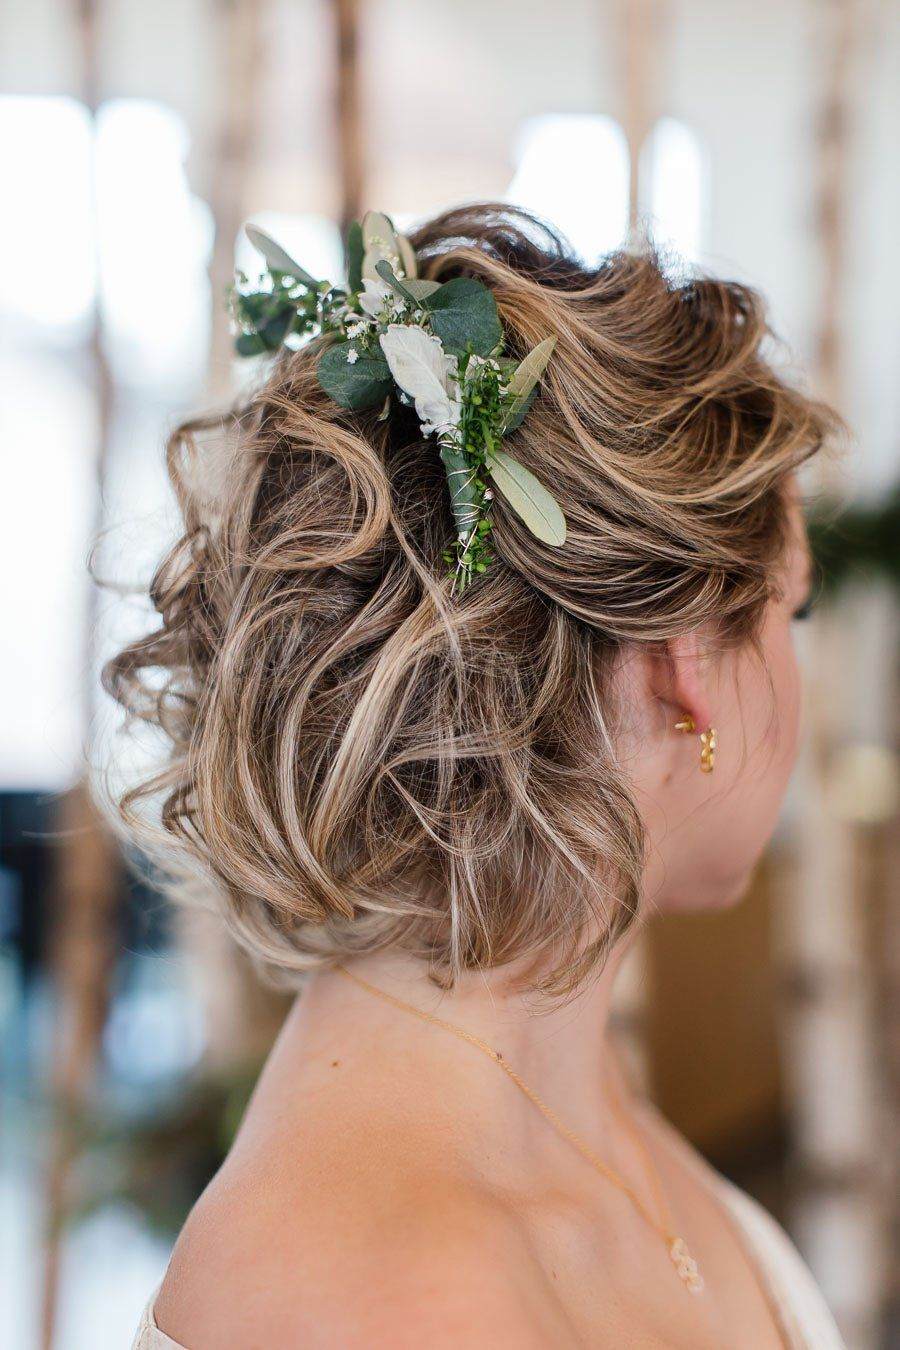 Moderne Bayerische Hochzeits Inspiration In Grun Blau Locken Frisuren Brautzopfe Coole Frisuren